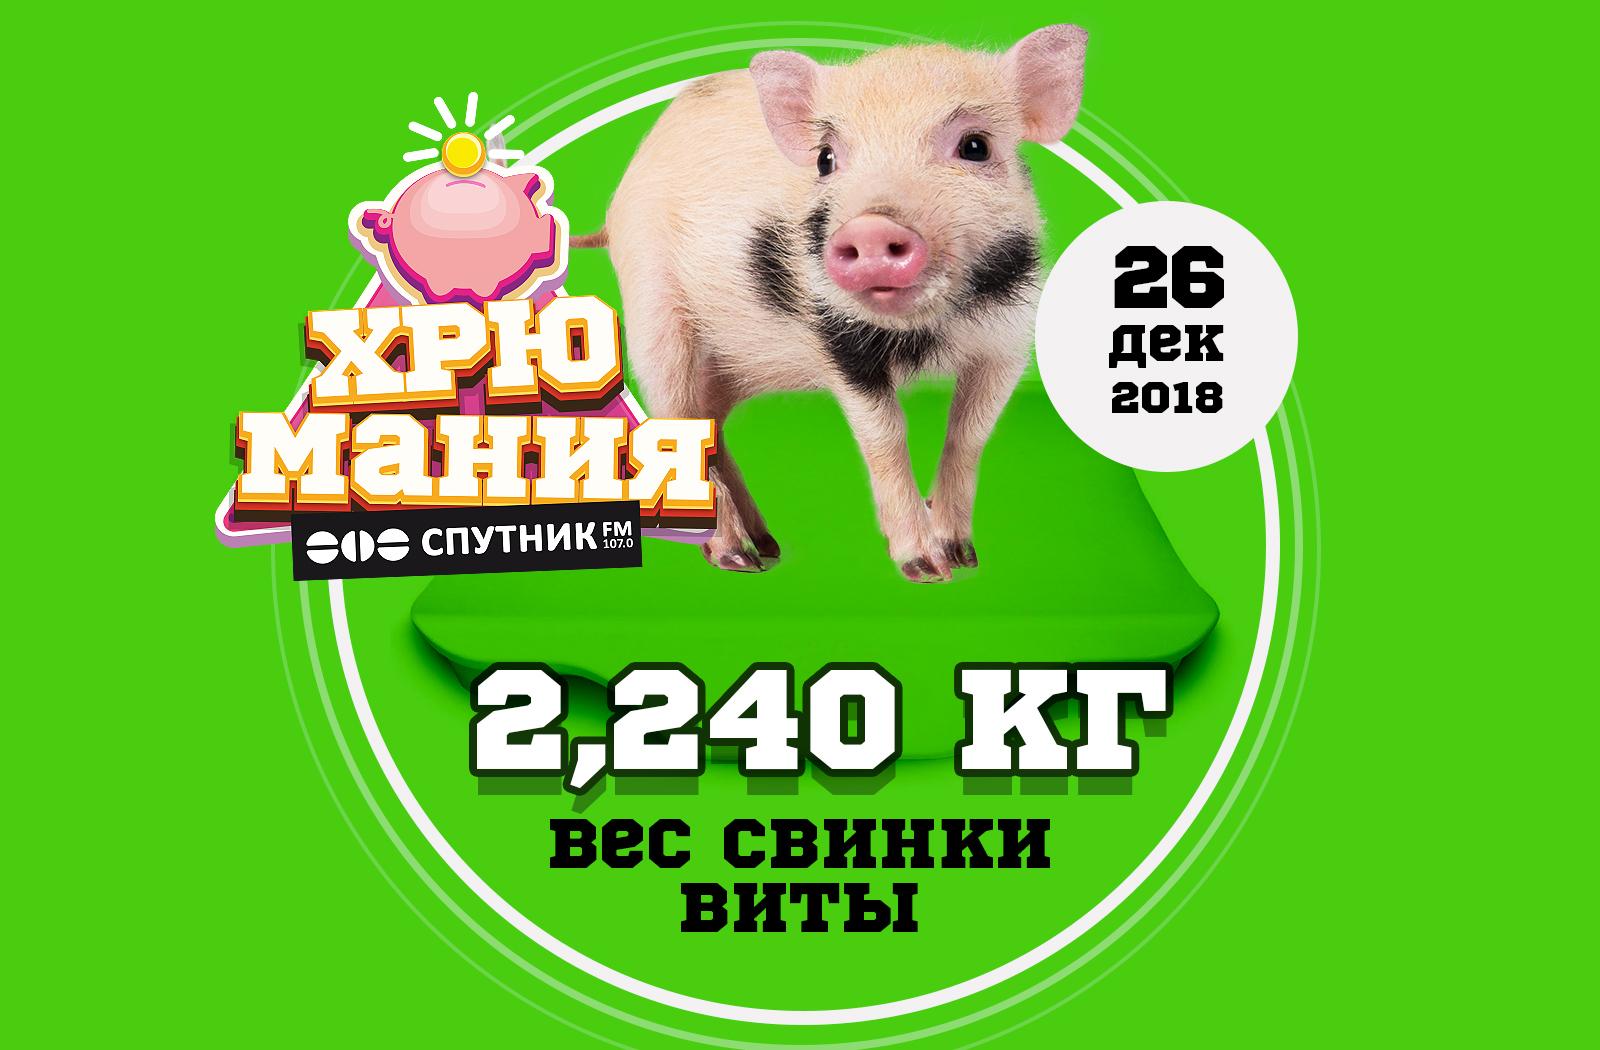 """""""ХрюМания"""": вес Виты 26 декабря"""